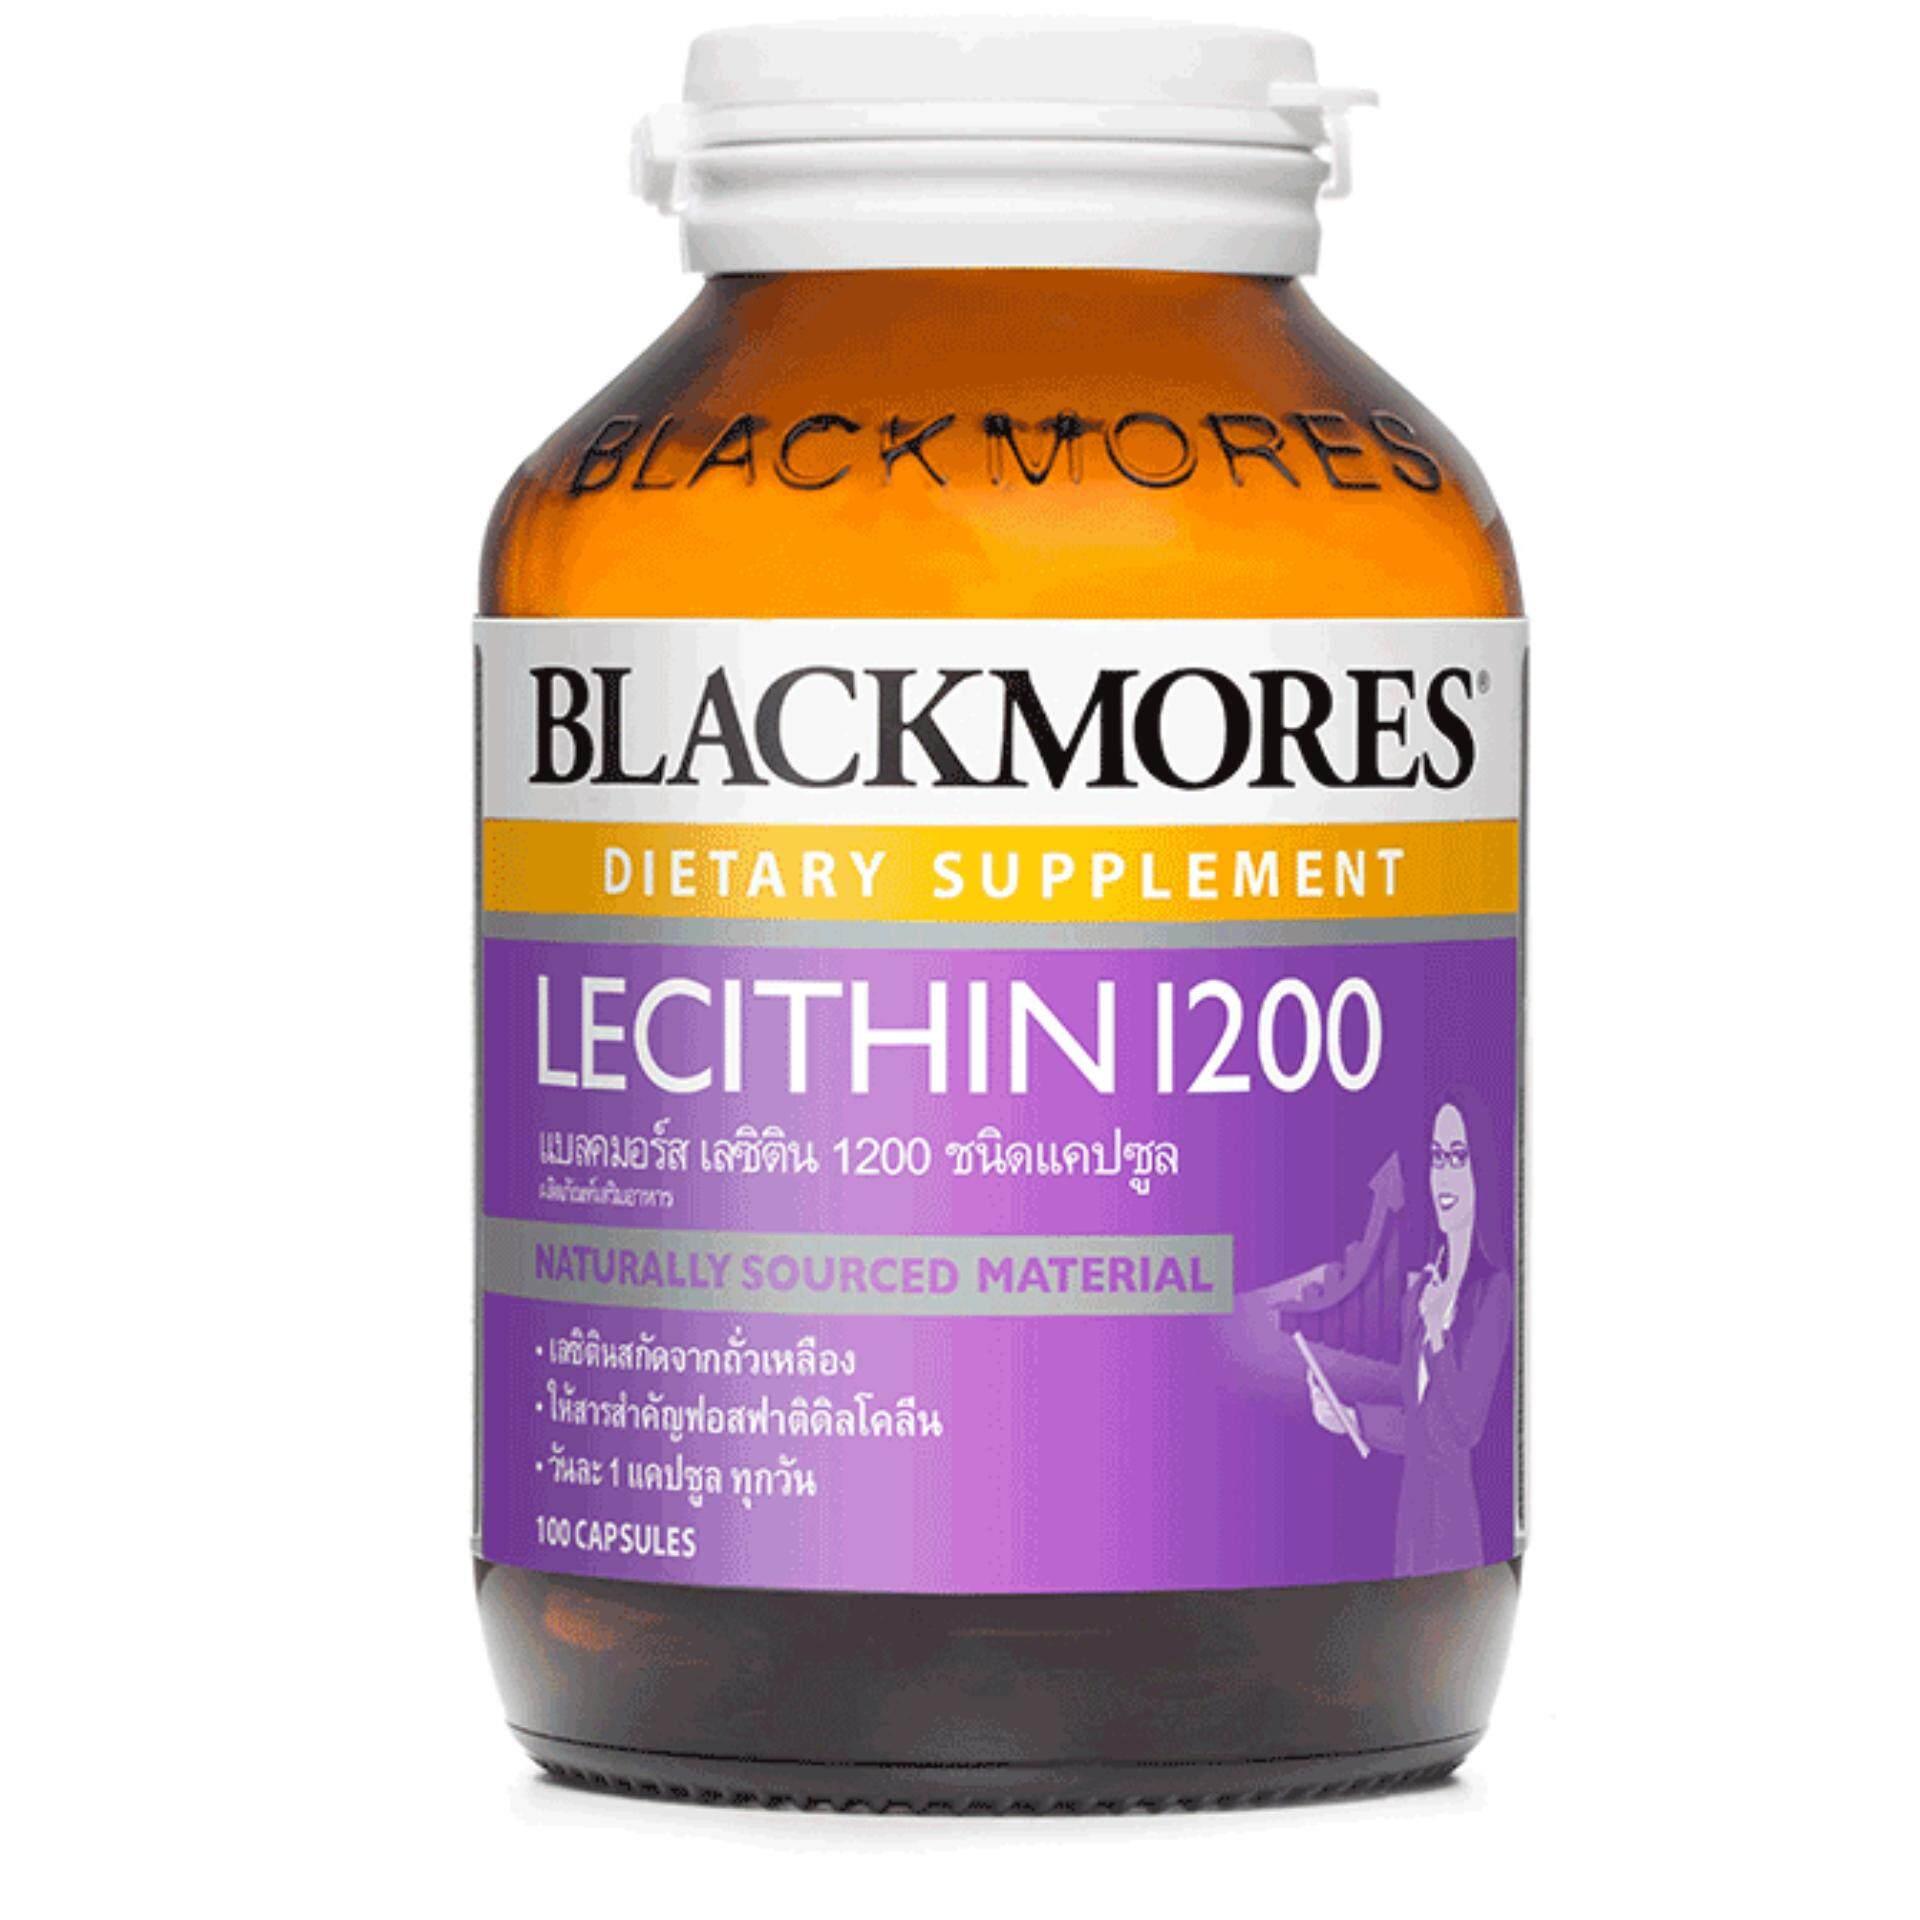 ชัยภูมิ Blackmores ผลิตภัณฑ์เสริมอาหาร Lecithin 1200 mg. (100เม็ด) 1 ขวด บำรุงสมองและระบบประสาท